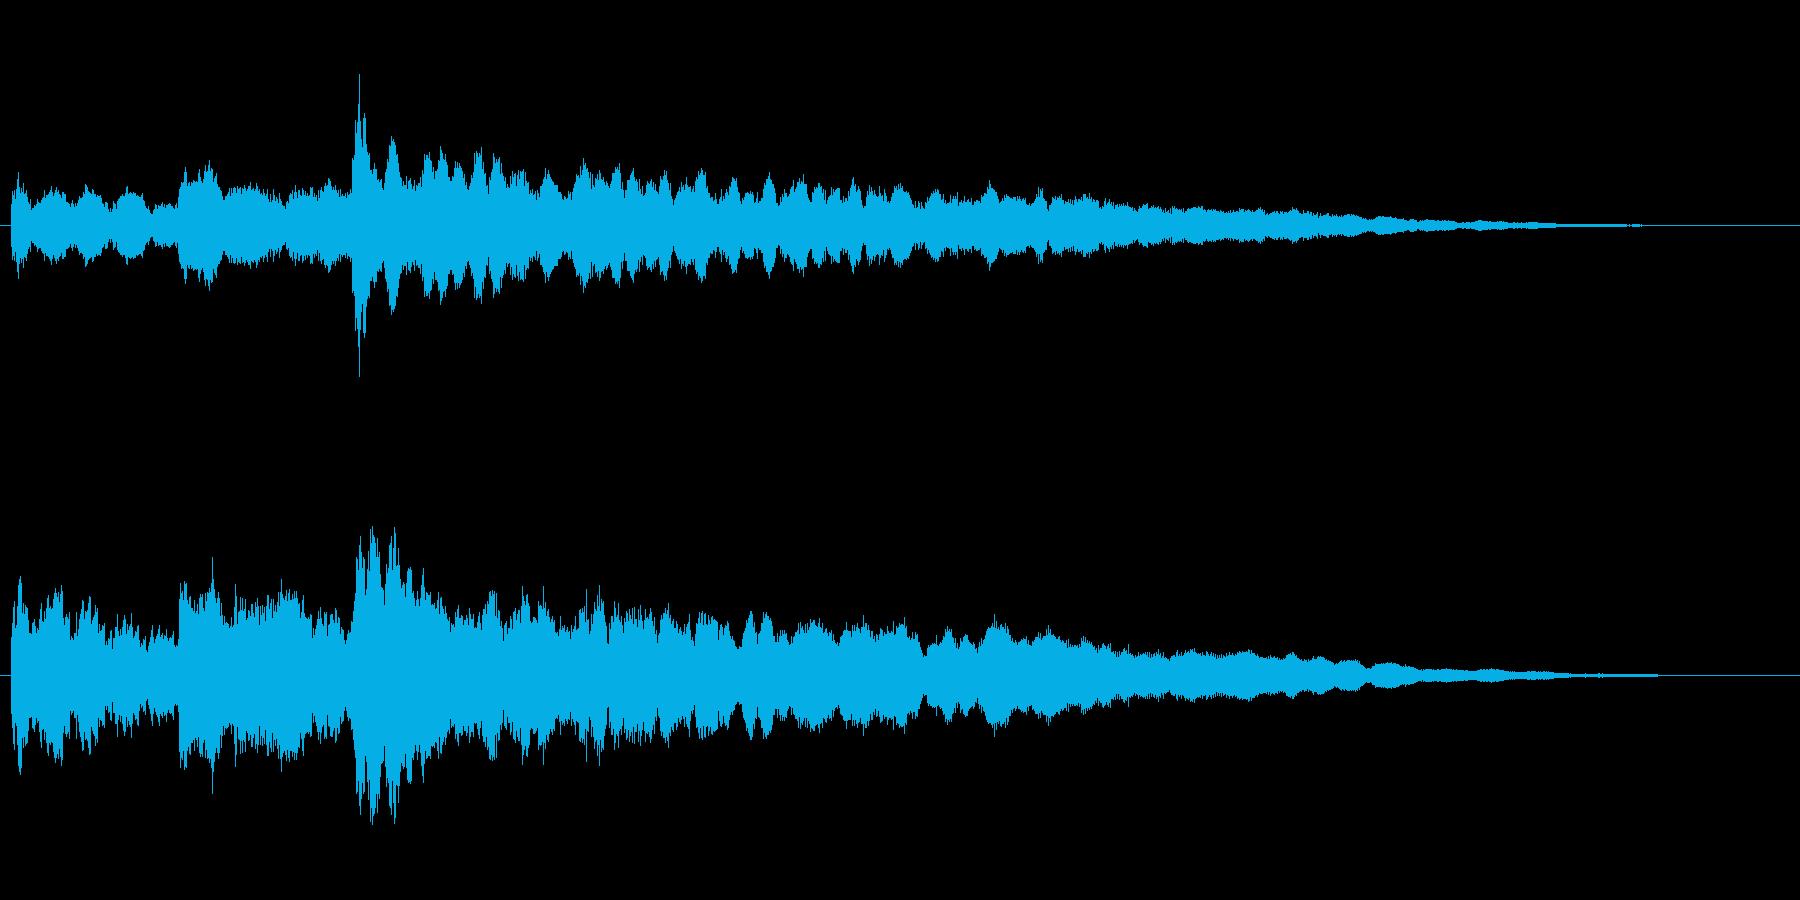 水と氷がテーマのアイキャッチ音の再生済みの波形